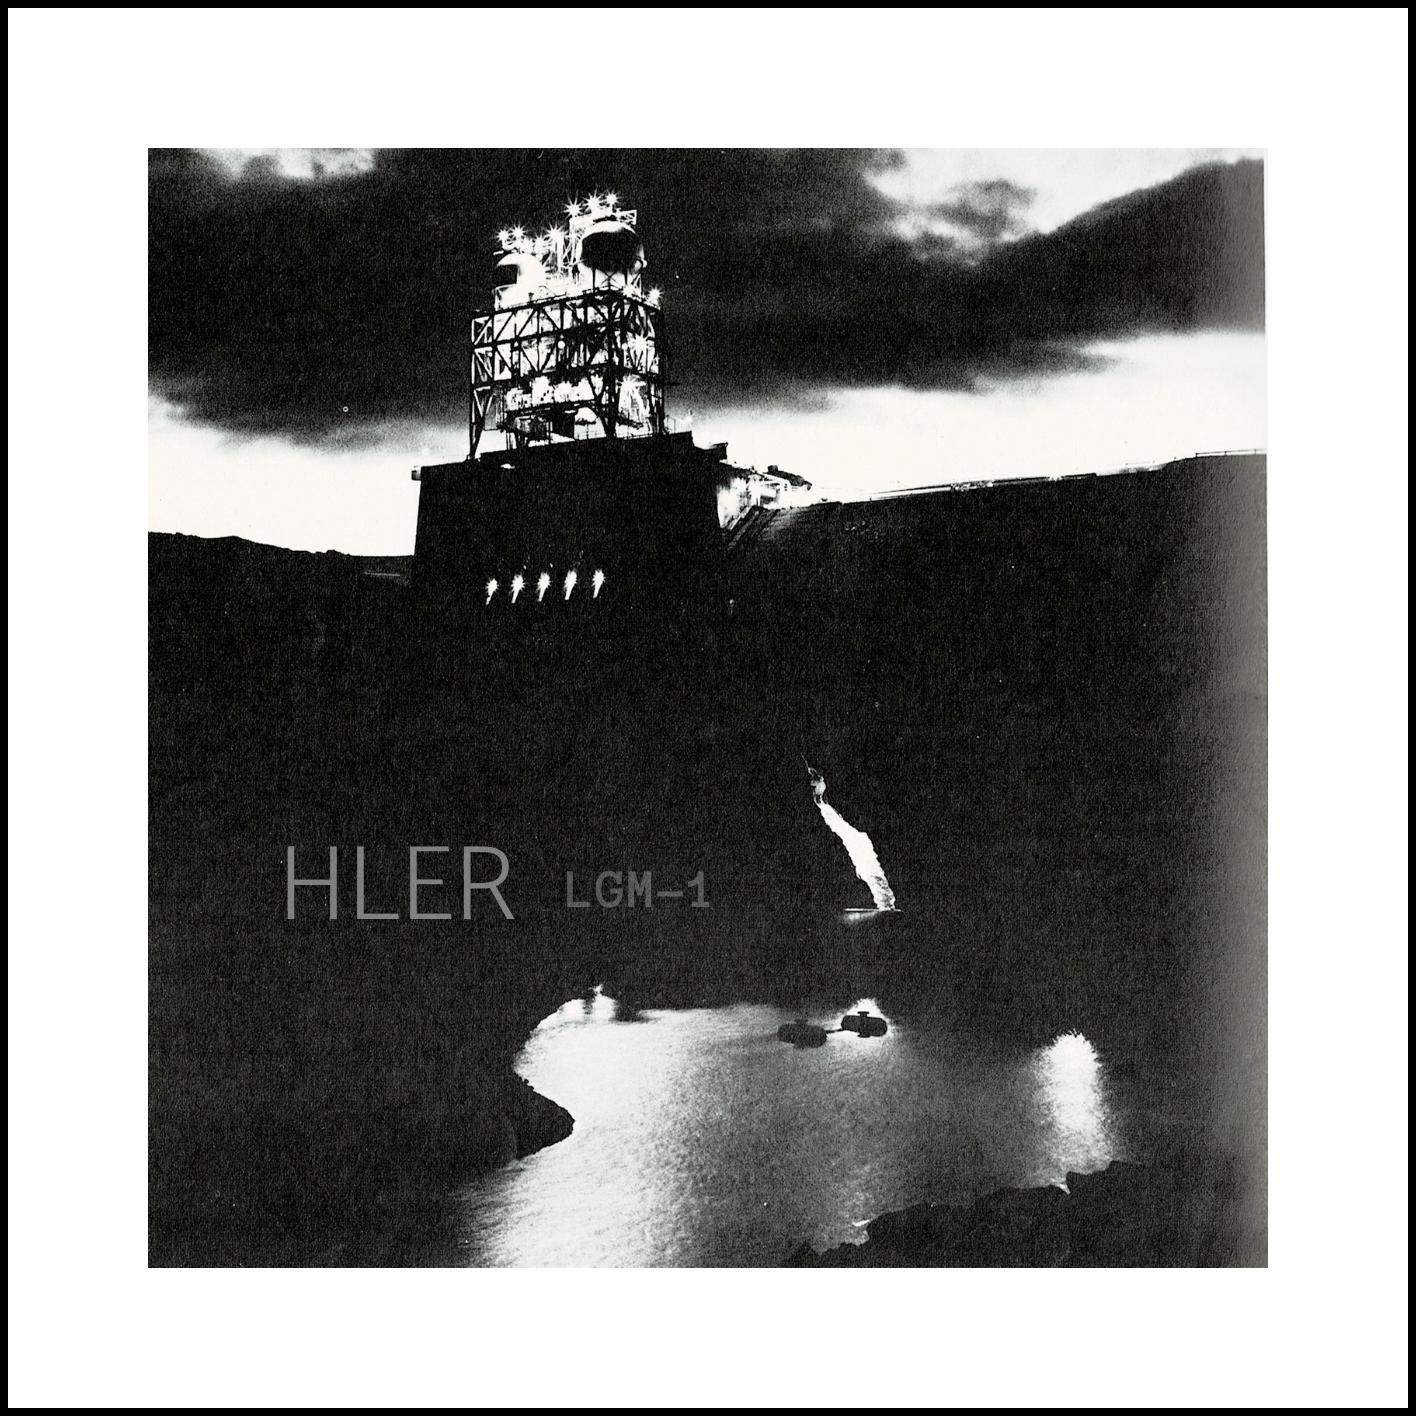 HLER - LGM-1 front cover